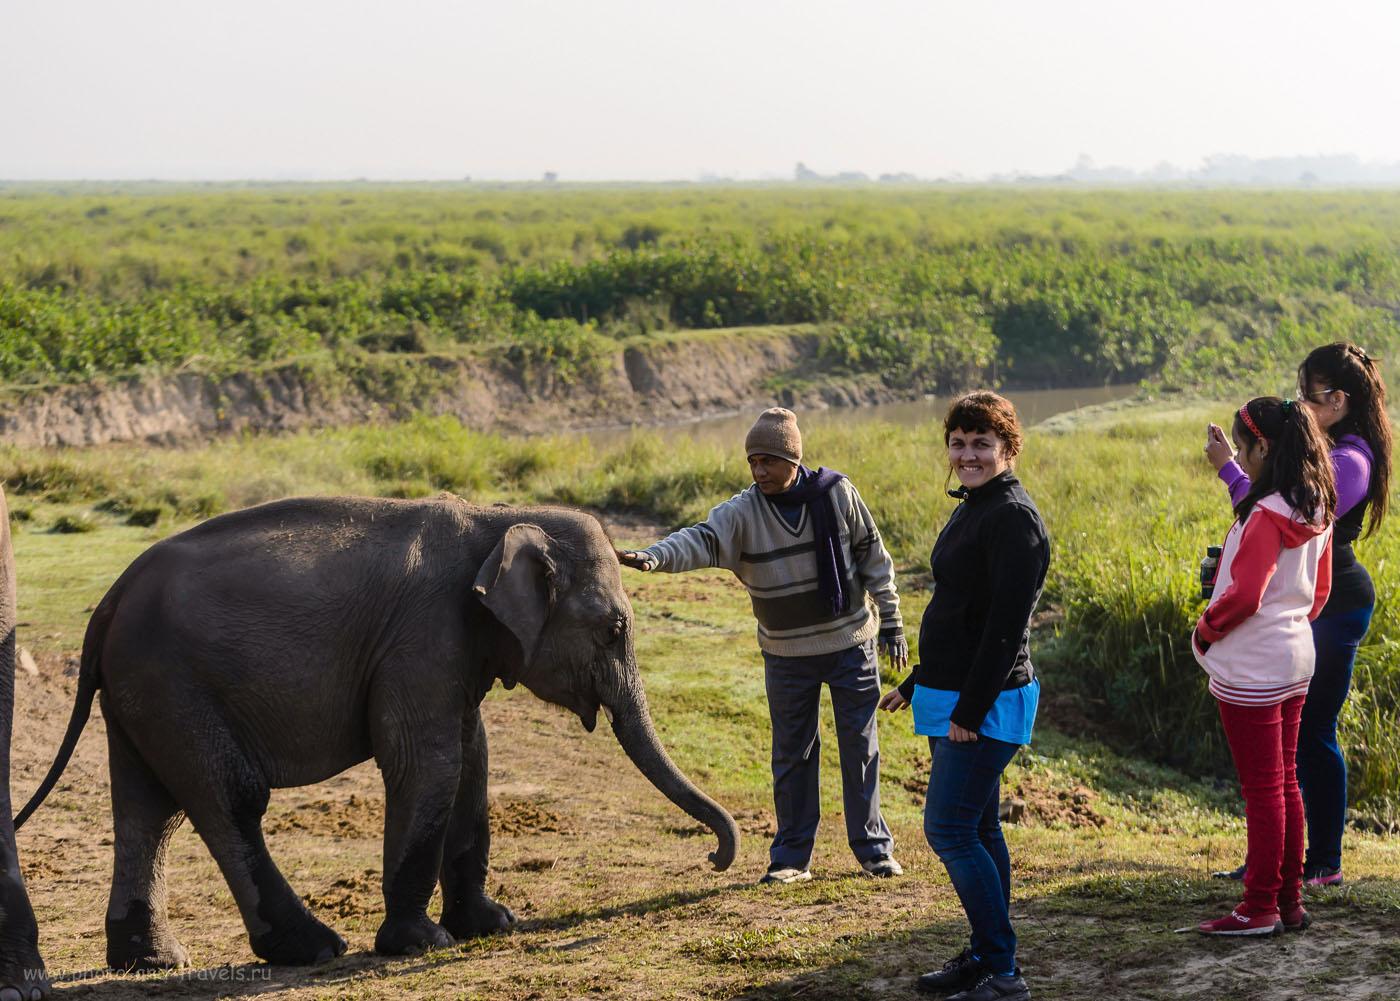 Снимок 19. Фотосессия в заповеднике. Отчеты о самостоятельном туре по Индии. 1/1000, -0.67, 4.5, 200, 70.